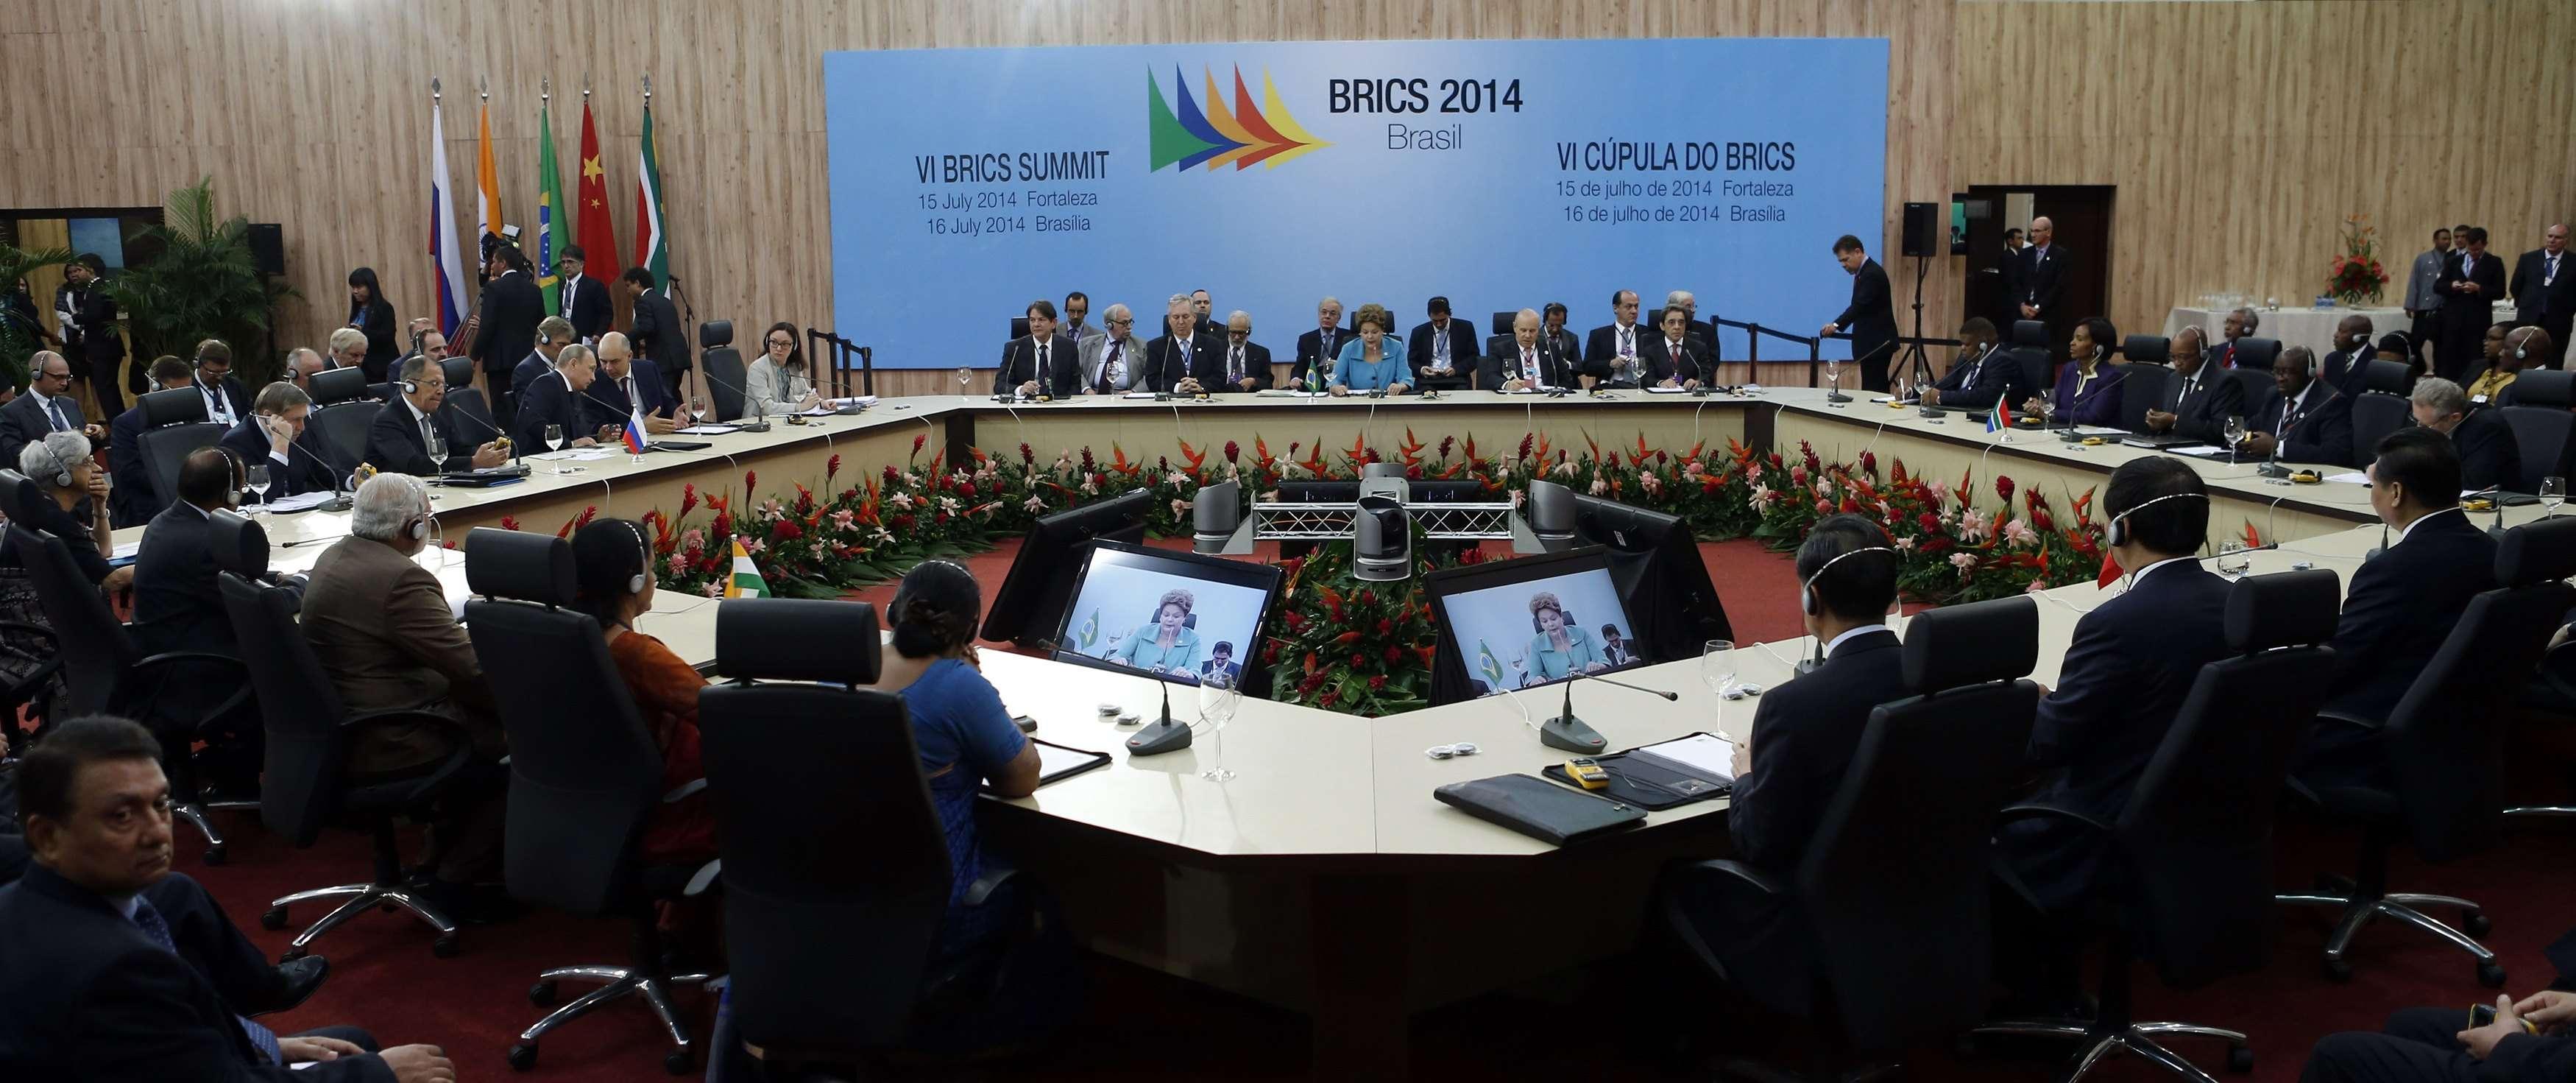 Membros do Brics se reuniram em Fortaleza e anunciaram a criação de um banco comum de desenvolvimento Foto: Nacho Doce/Reuters